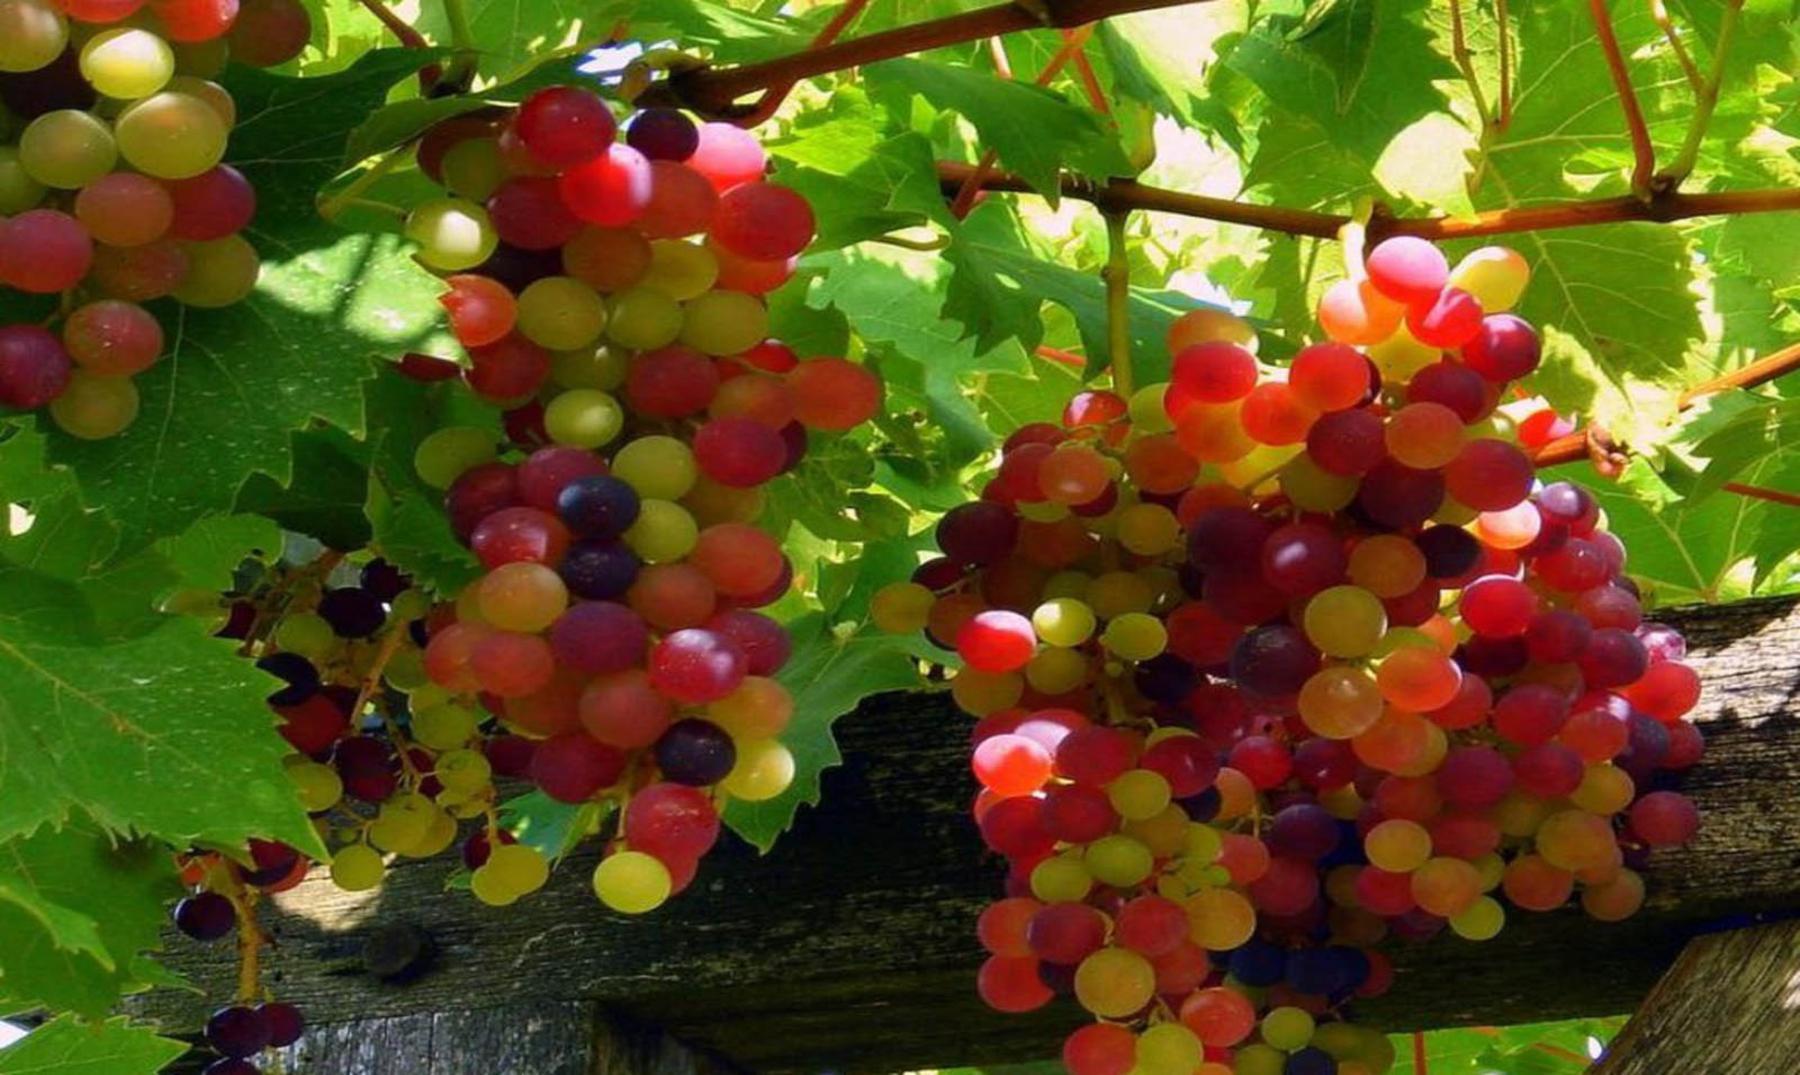 """¿Existen de verdad las """"uvas arcoíris""""?"""